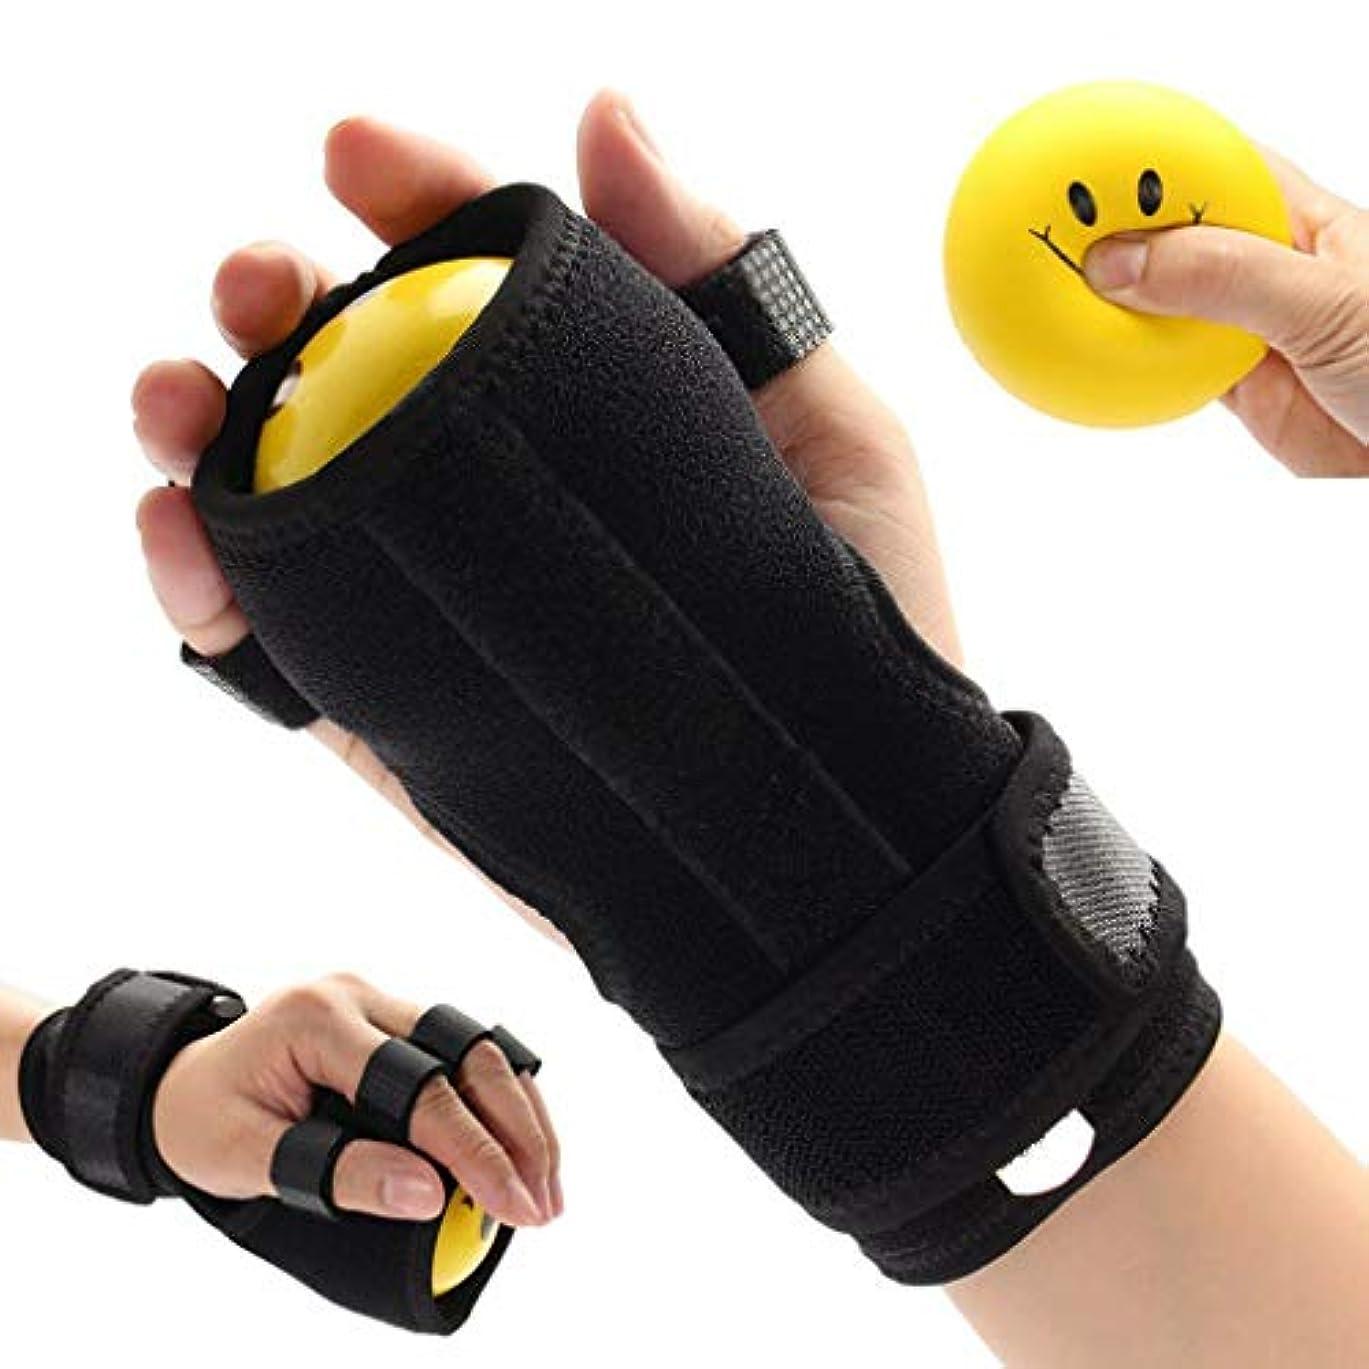 パトロン先住民発表抗痙攣性ボール - 指手首リハビリテーション練習用装具、機能的副子手、手の機能障害/片麻痺/脳卒中用